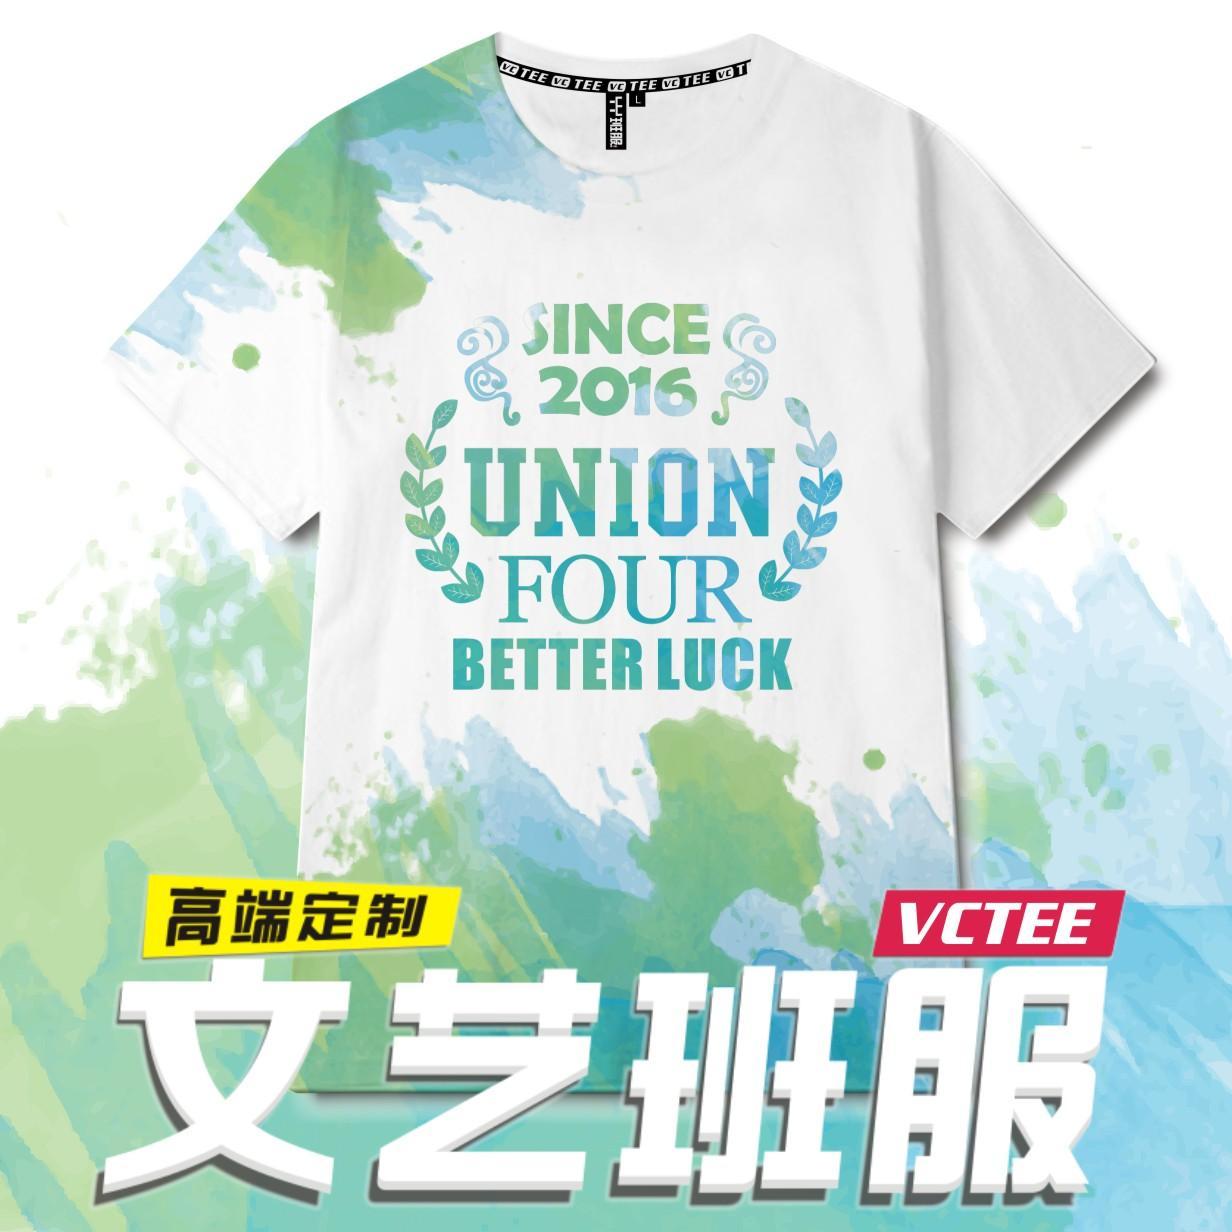 клас дрехи тениски diy клас дрехи модел по поръчка рекламни тениски тениска безплатно дизайн на печатни l